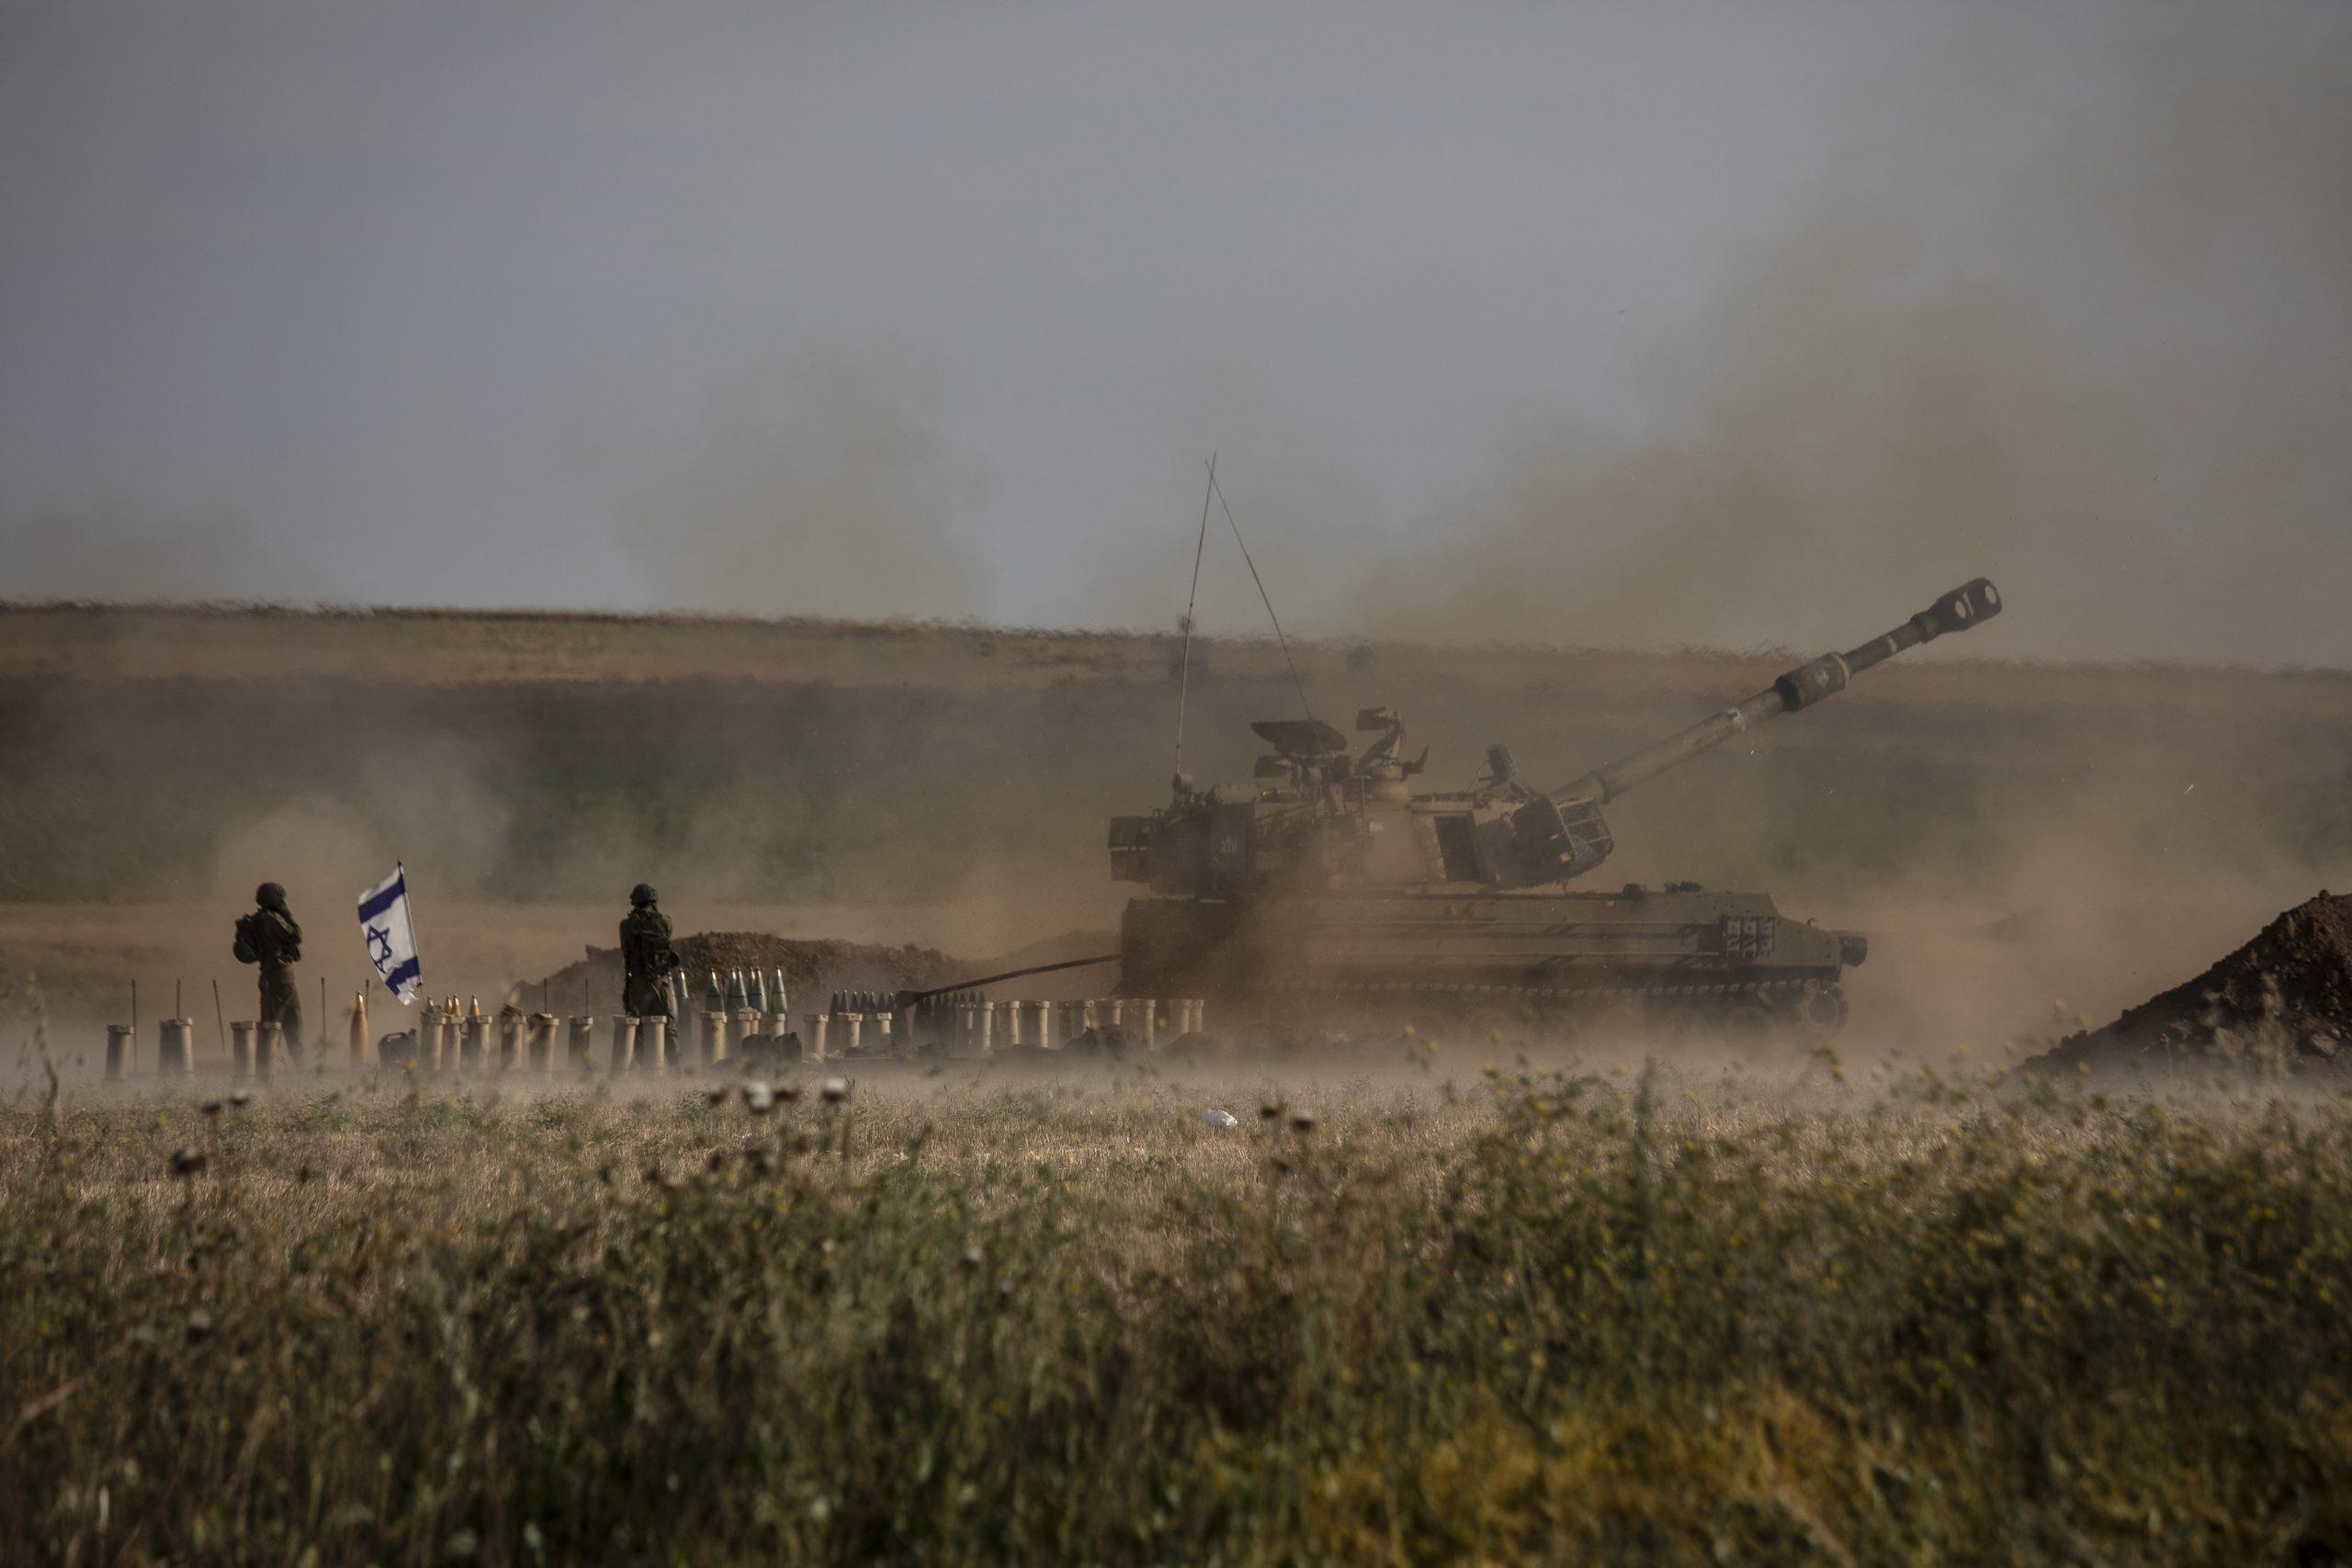 Kineski šef diplomatije: Međunarodna zajednica mora da spreči pogoršanje situacije u Izraelu i Palestini 1